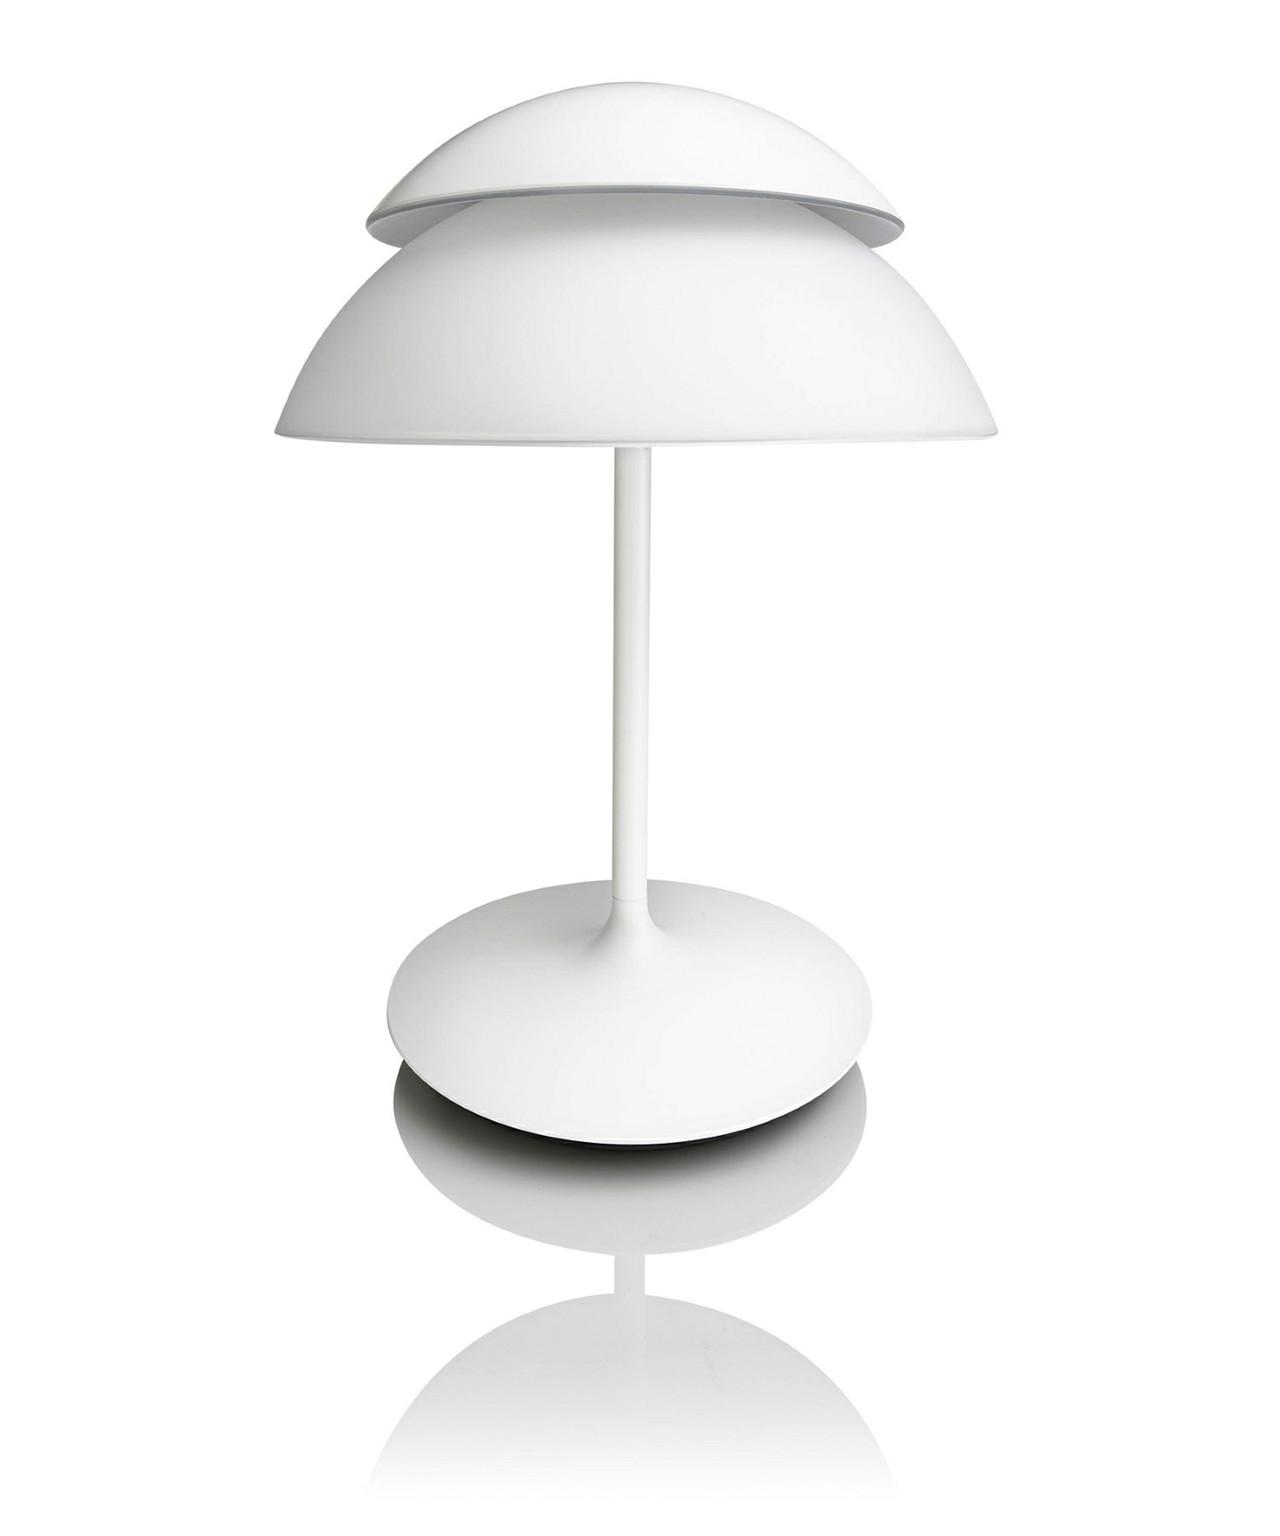 philips hue beyond bordlampe. Black Bedroom Furniture Sets. Home Design Ideas